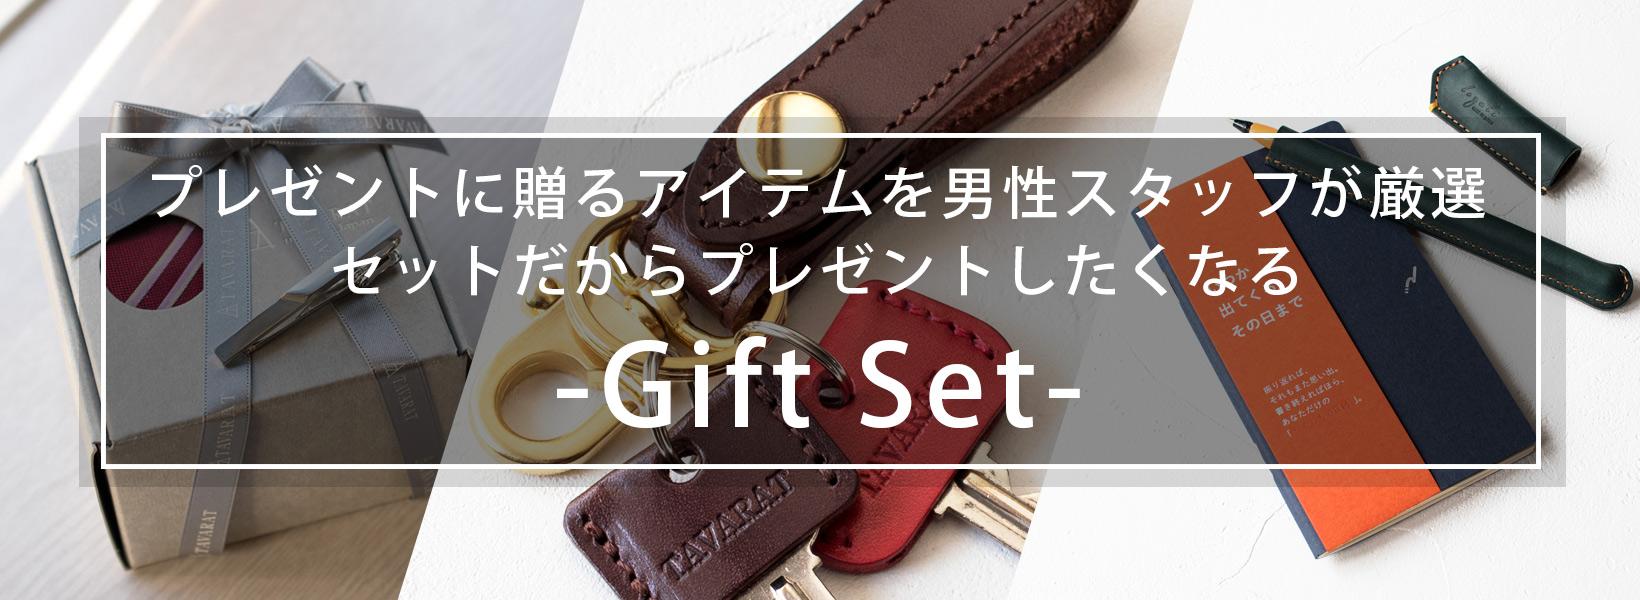 gift_set_1640.jpg